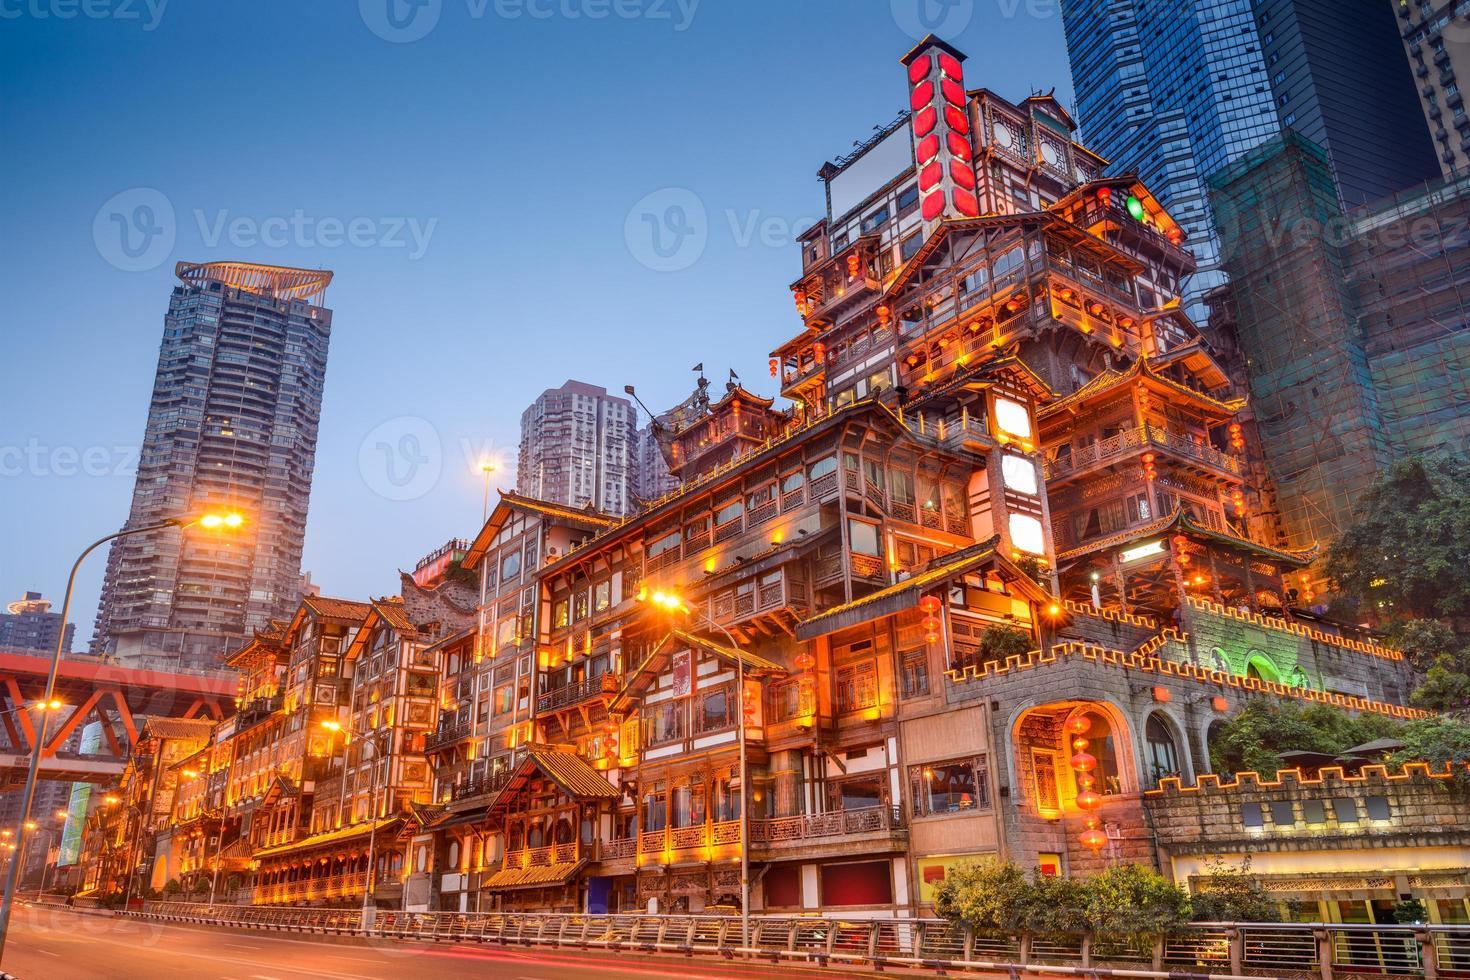 chongqing chine photo